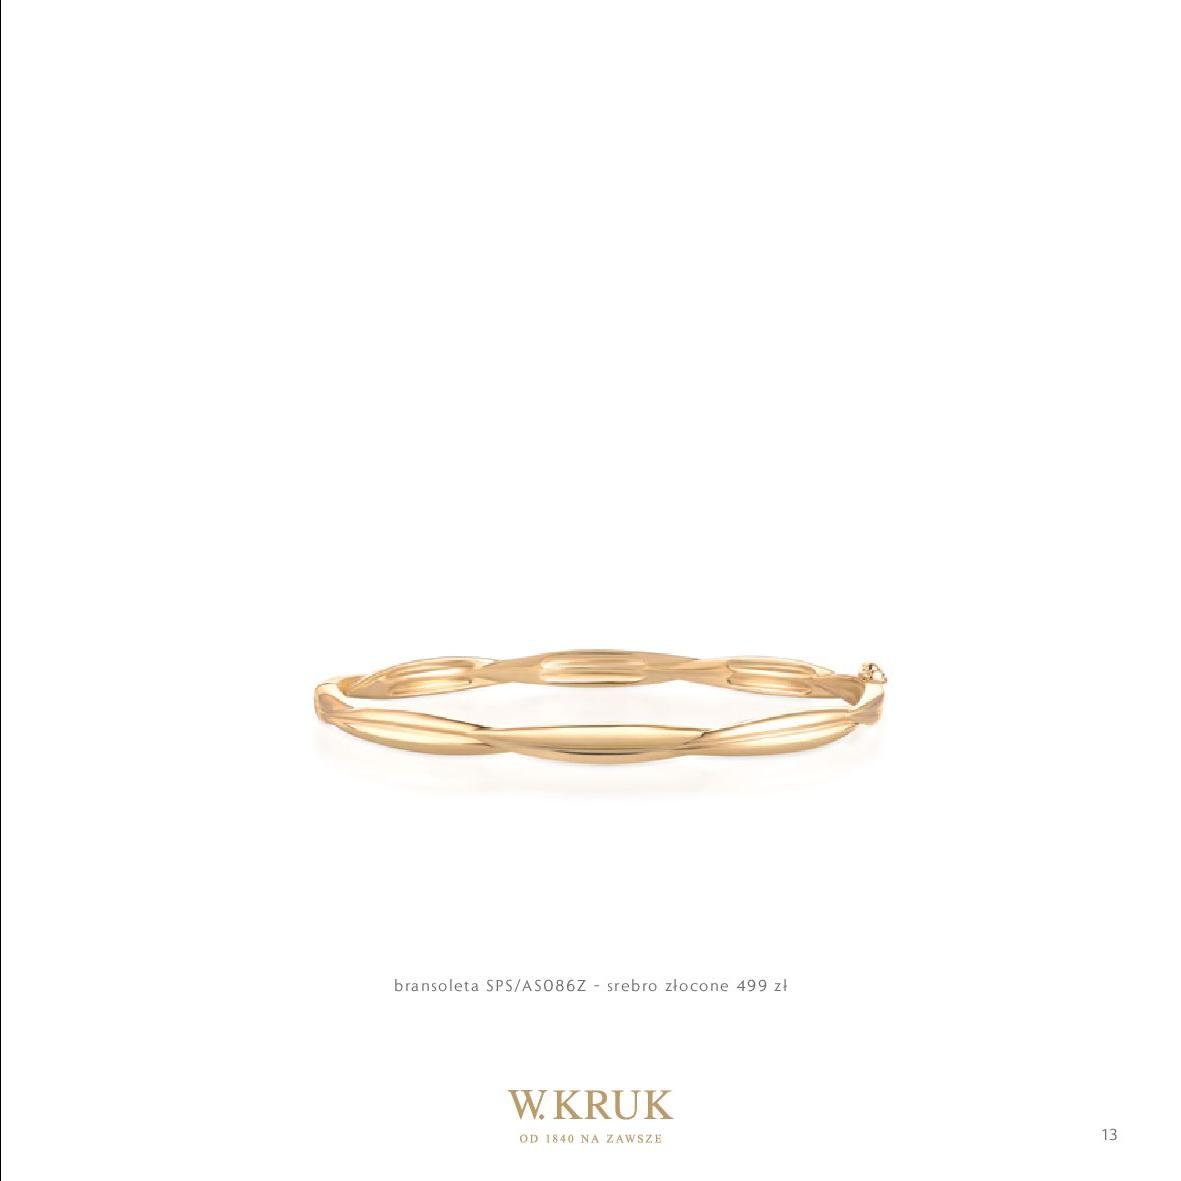 Gazetka W. KRUK: Katalog - Kolekcja Przyjaźń 2021-02-17 page-15